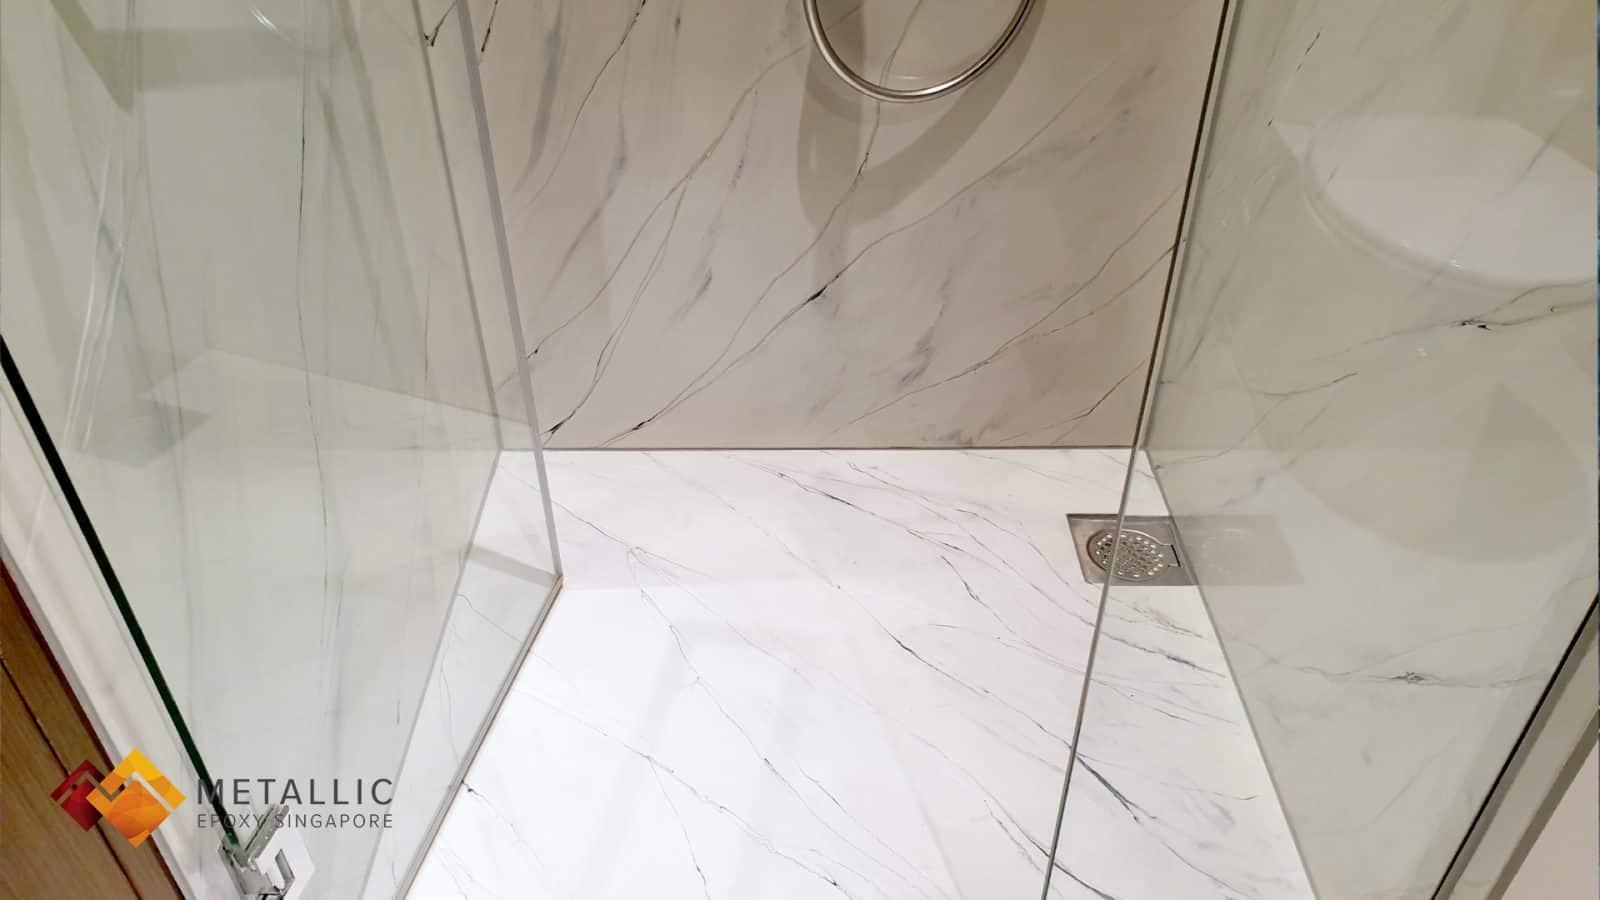 metallic epoxy singapore natural white marble bathroom